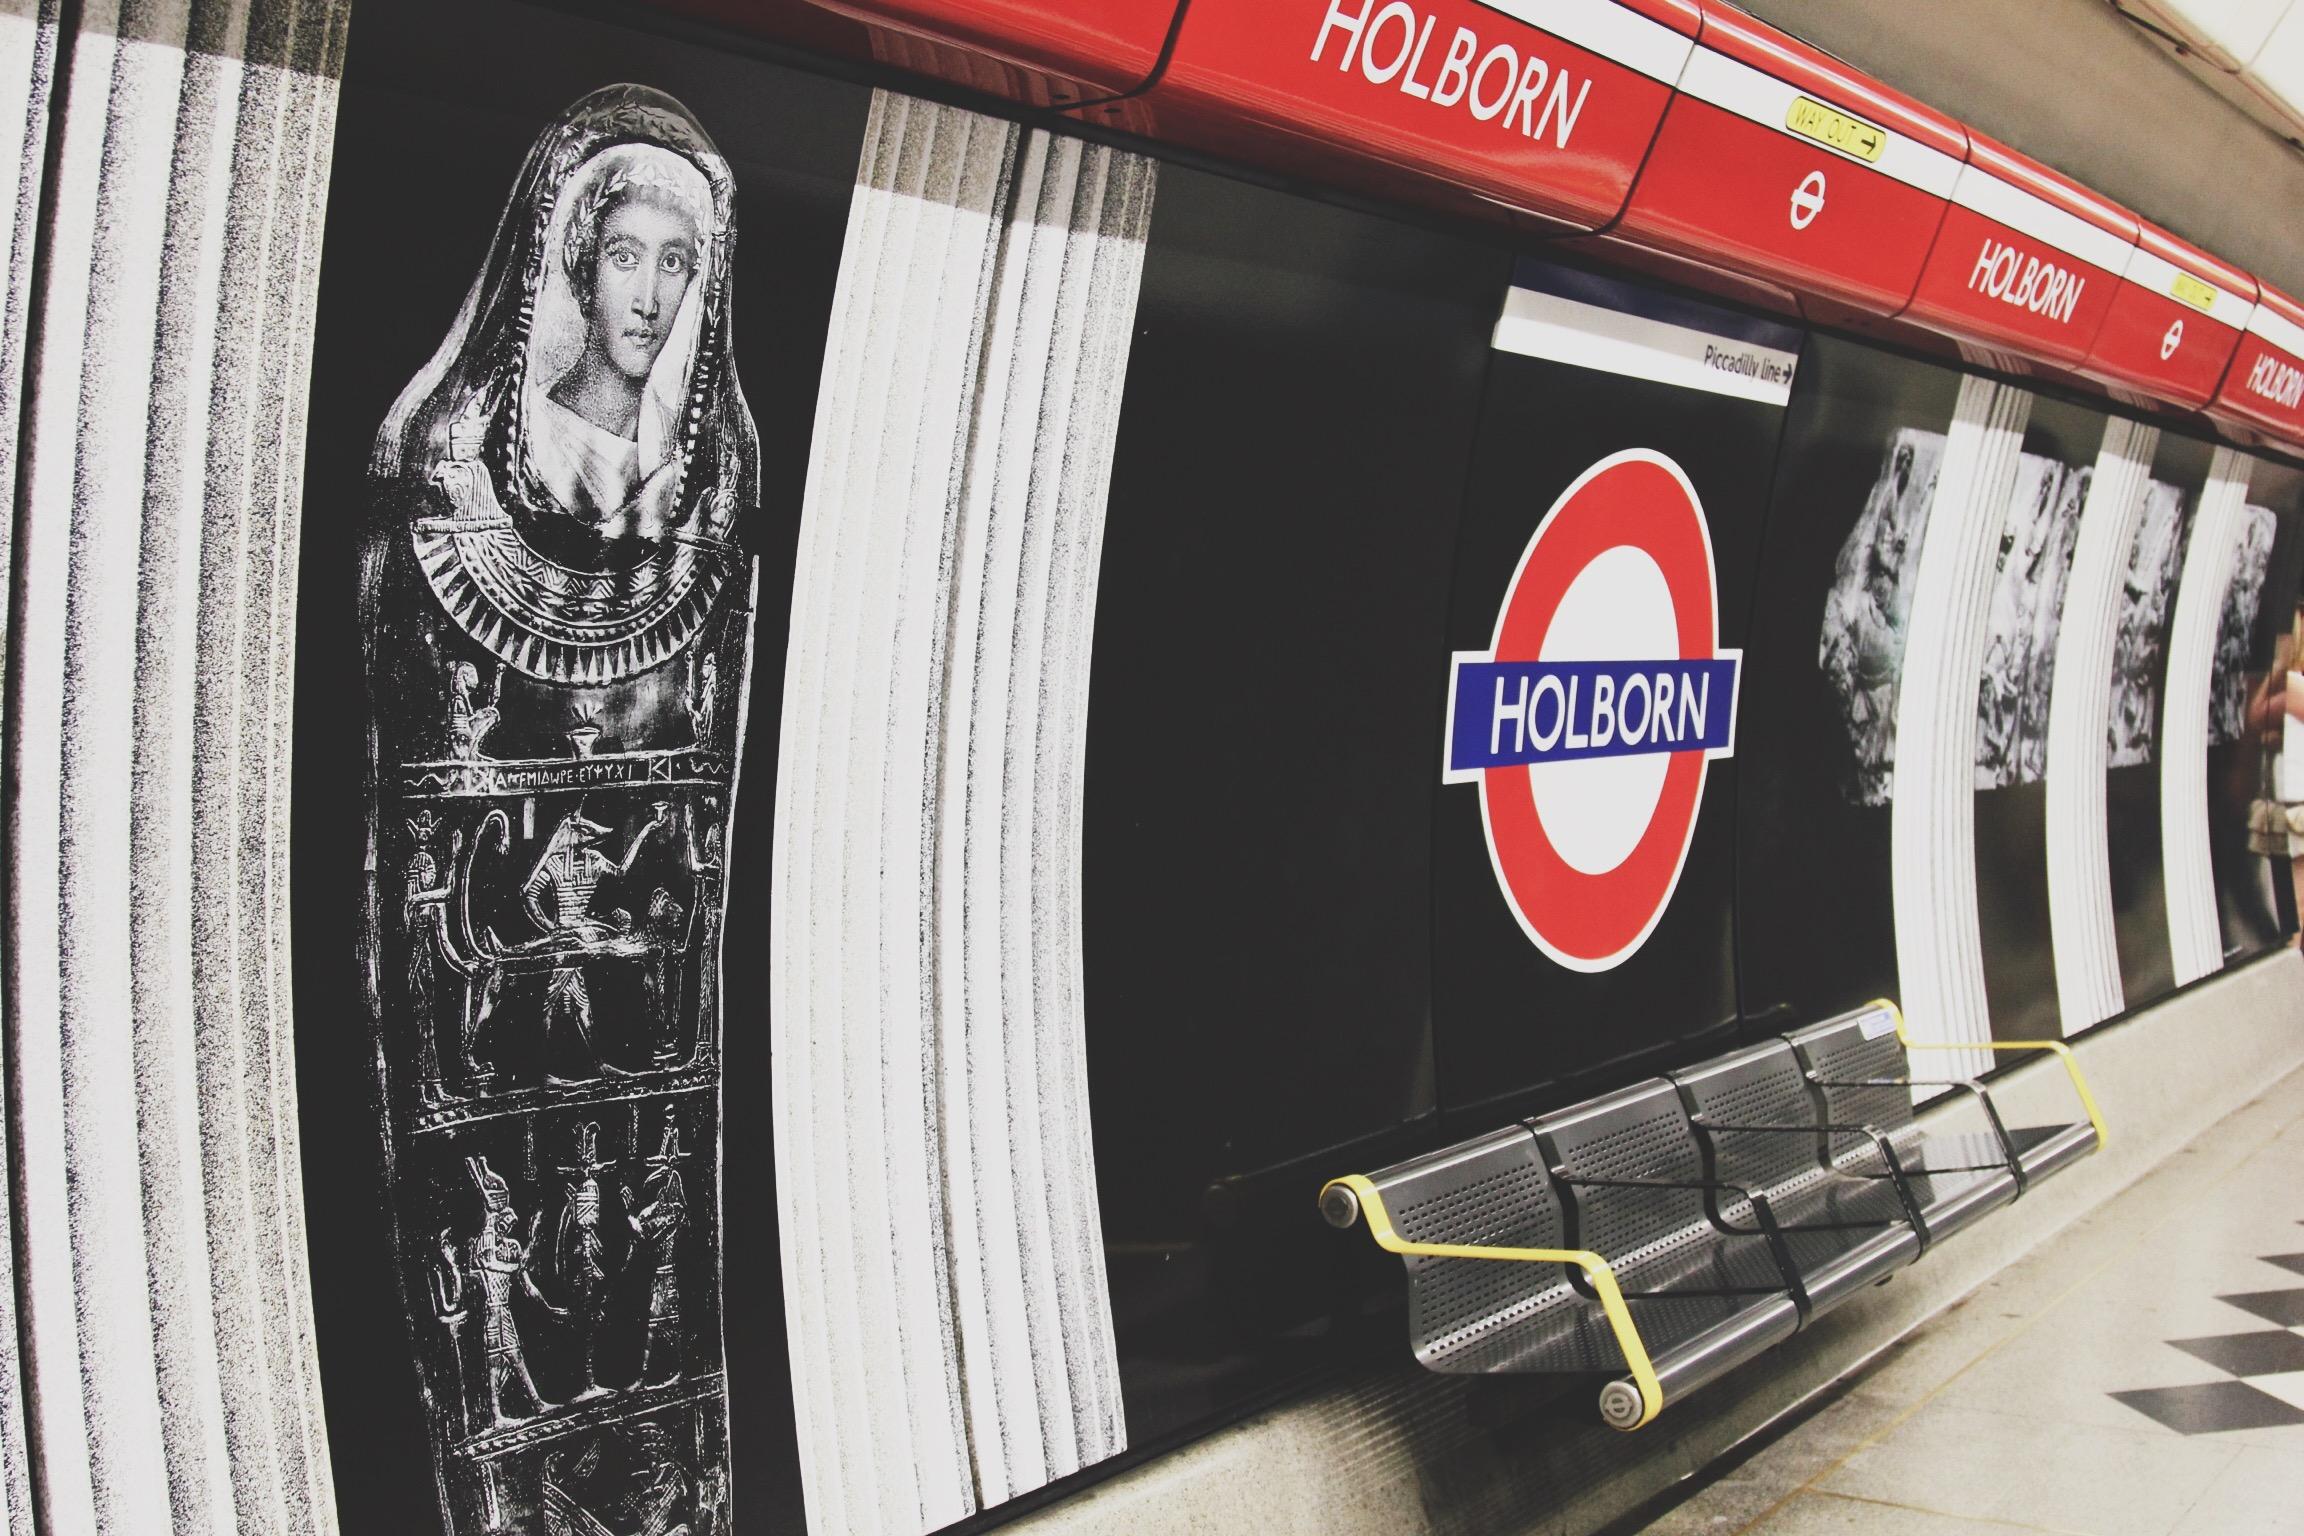 Holborn-underground.jpg